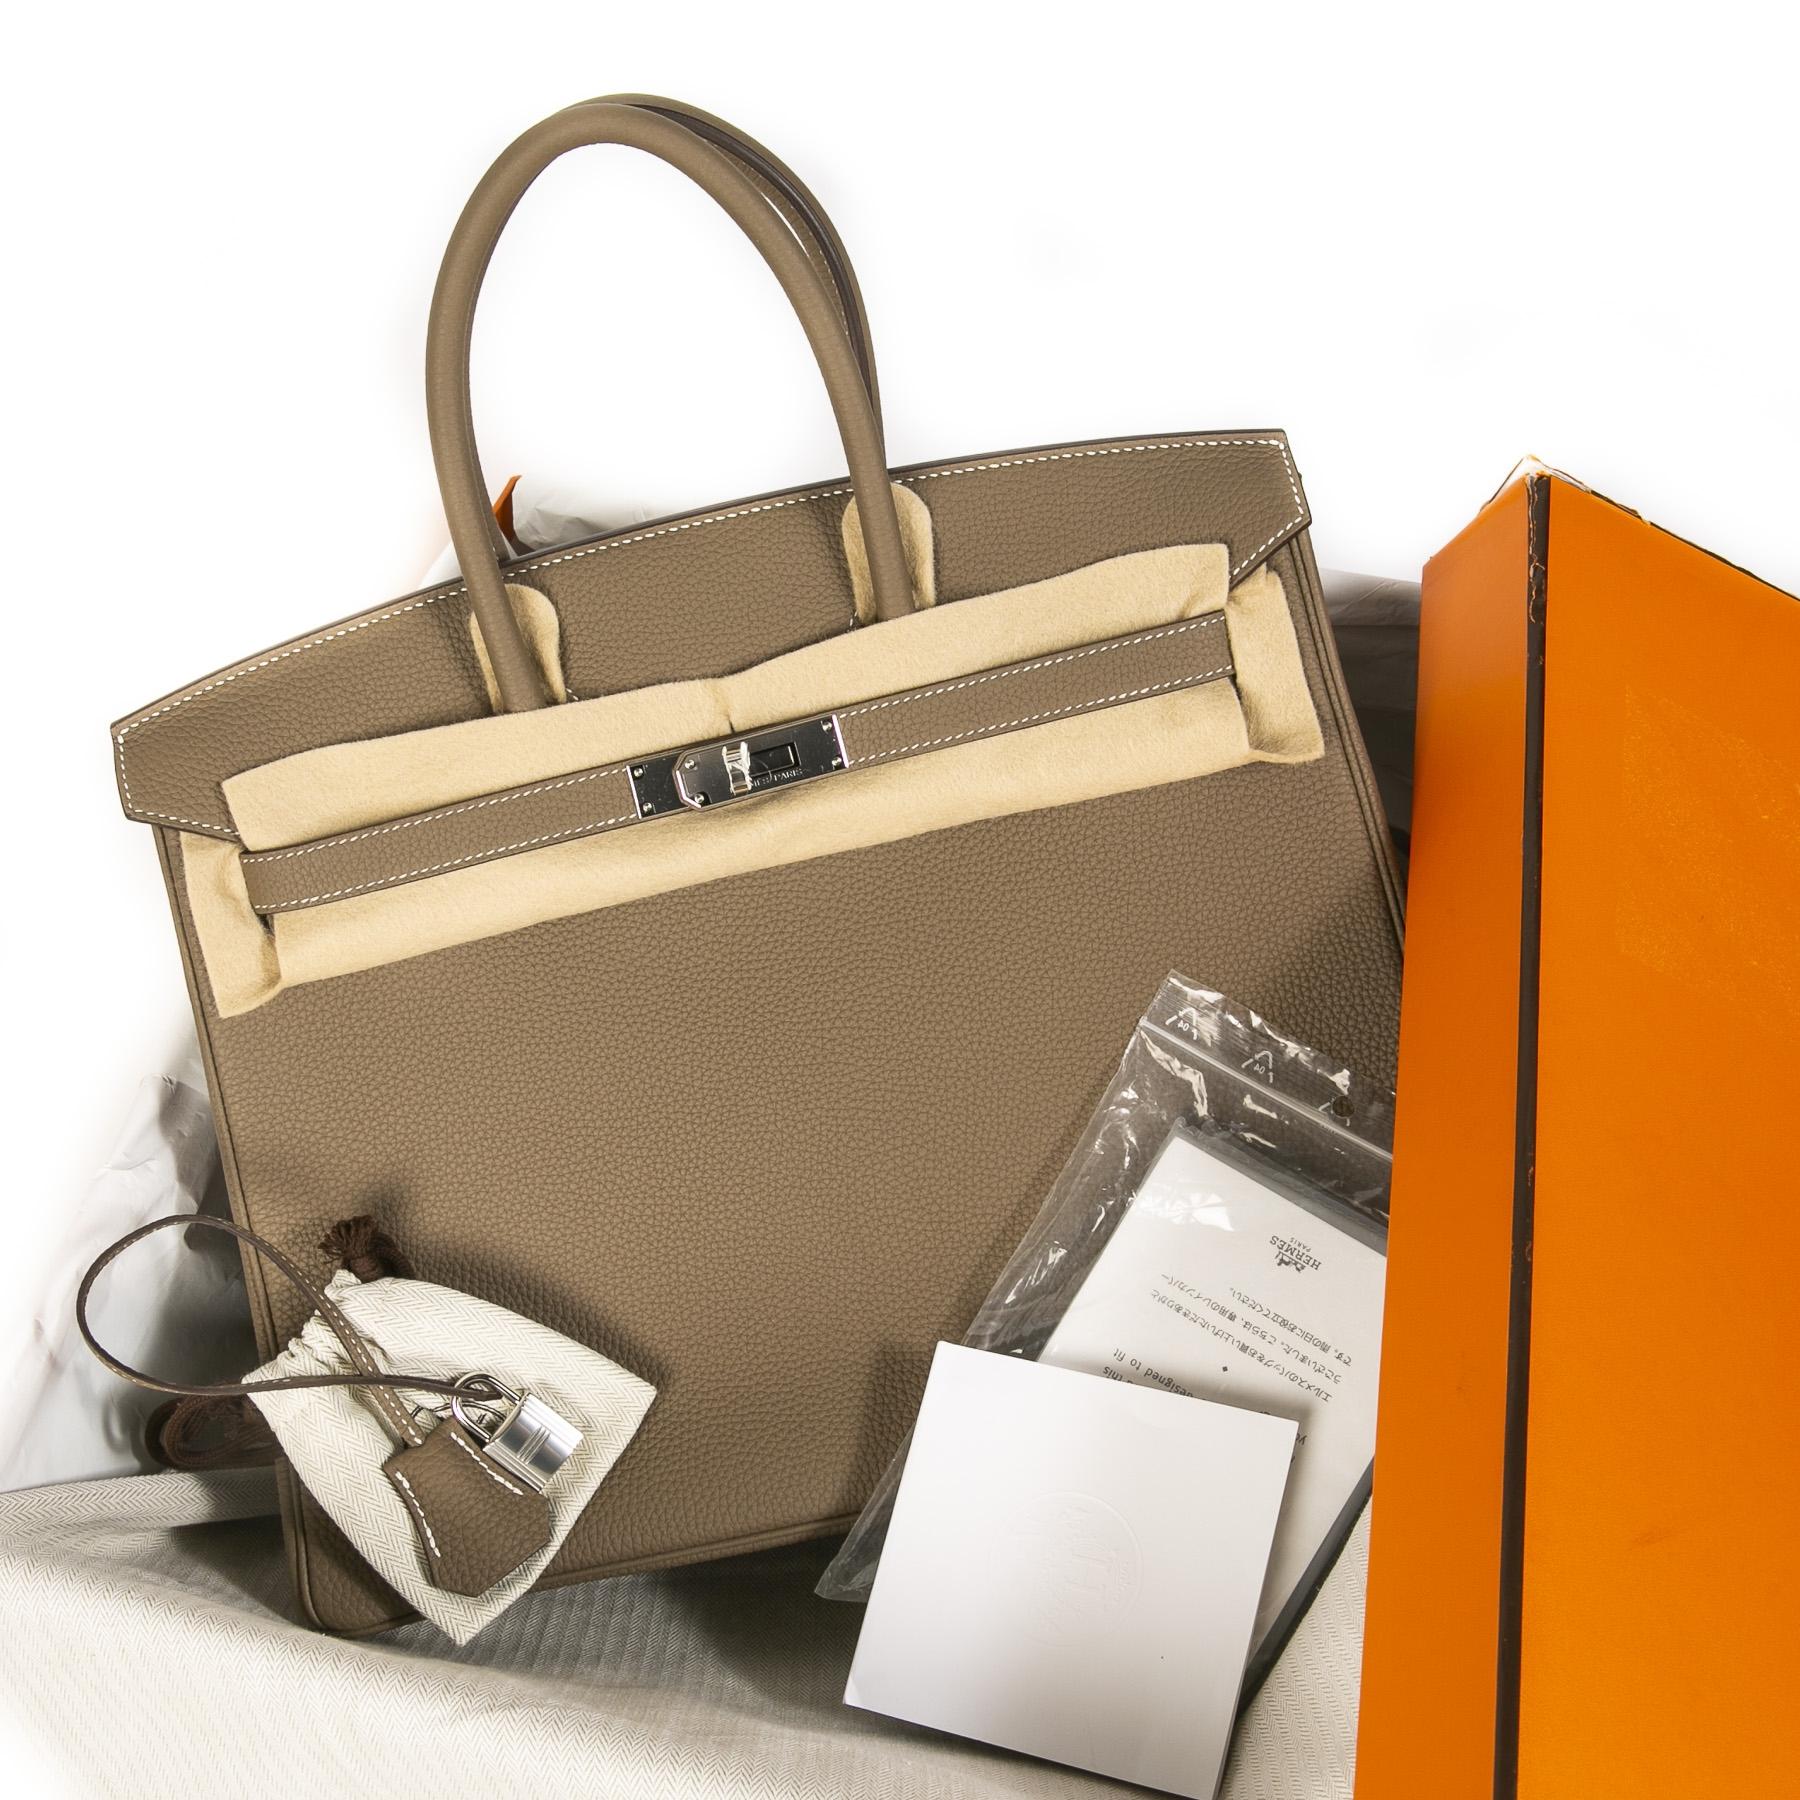 Hermès Birkin 35 Etoupe Togo PHW